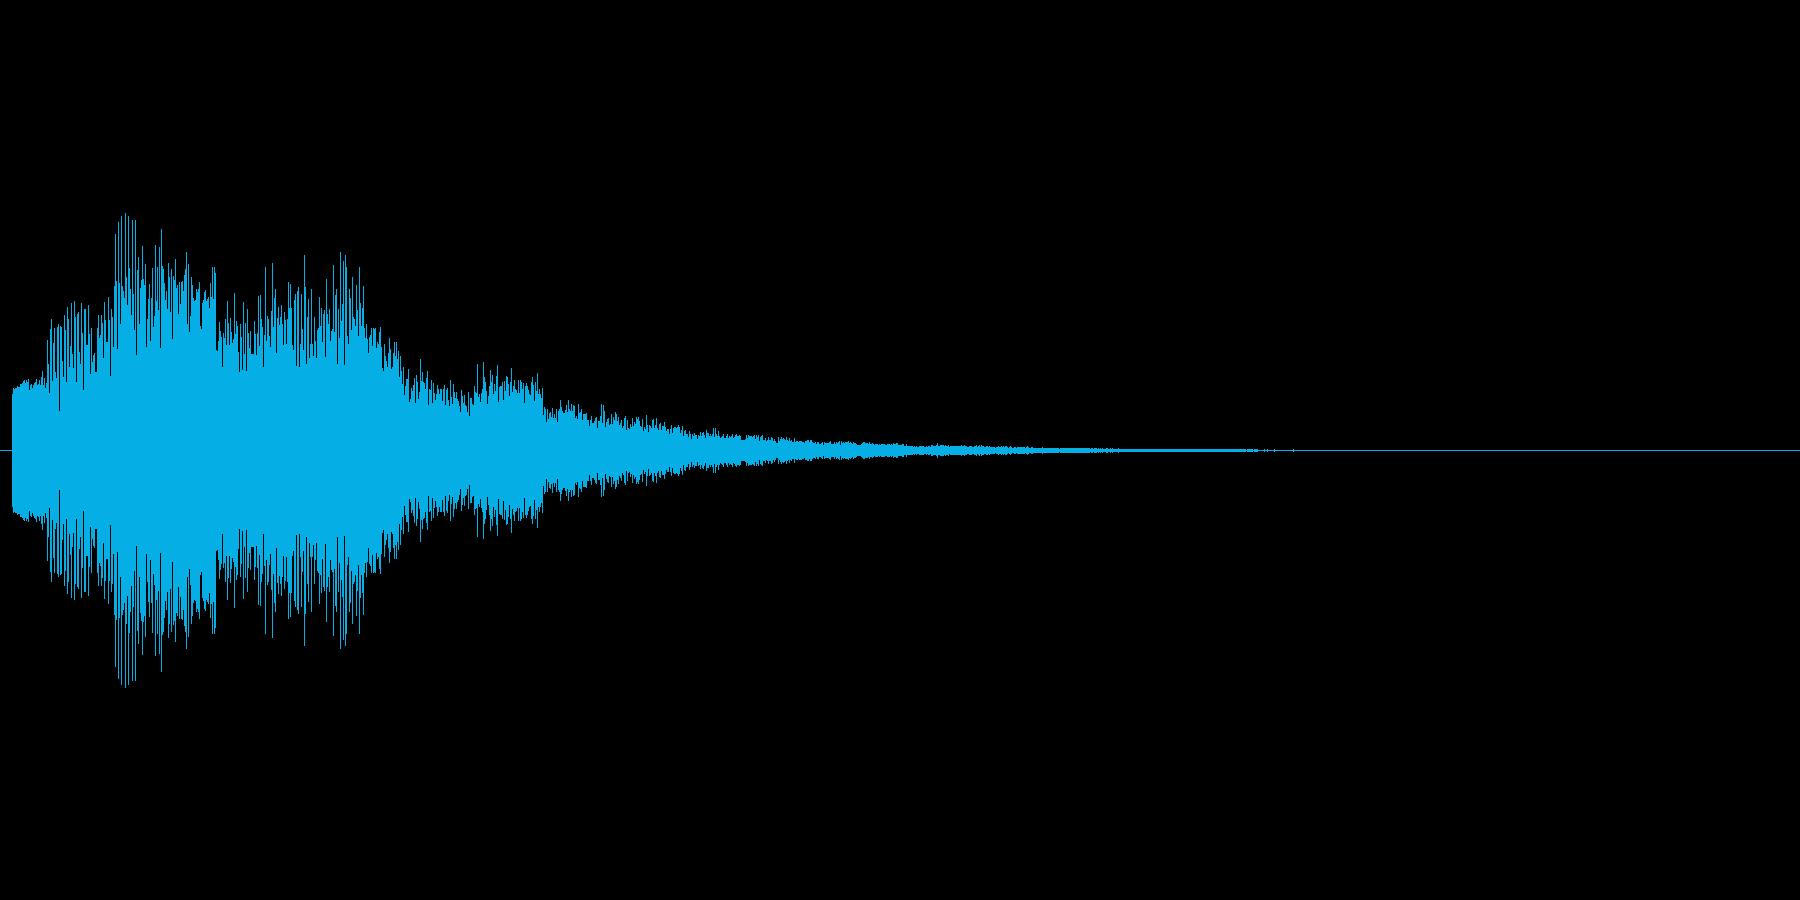 回復やアイテム発見をイメージした効果音の再生済みの波形